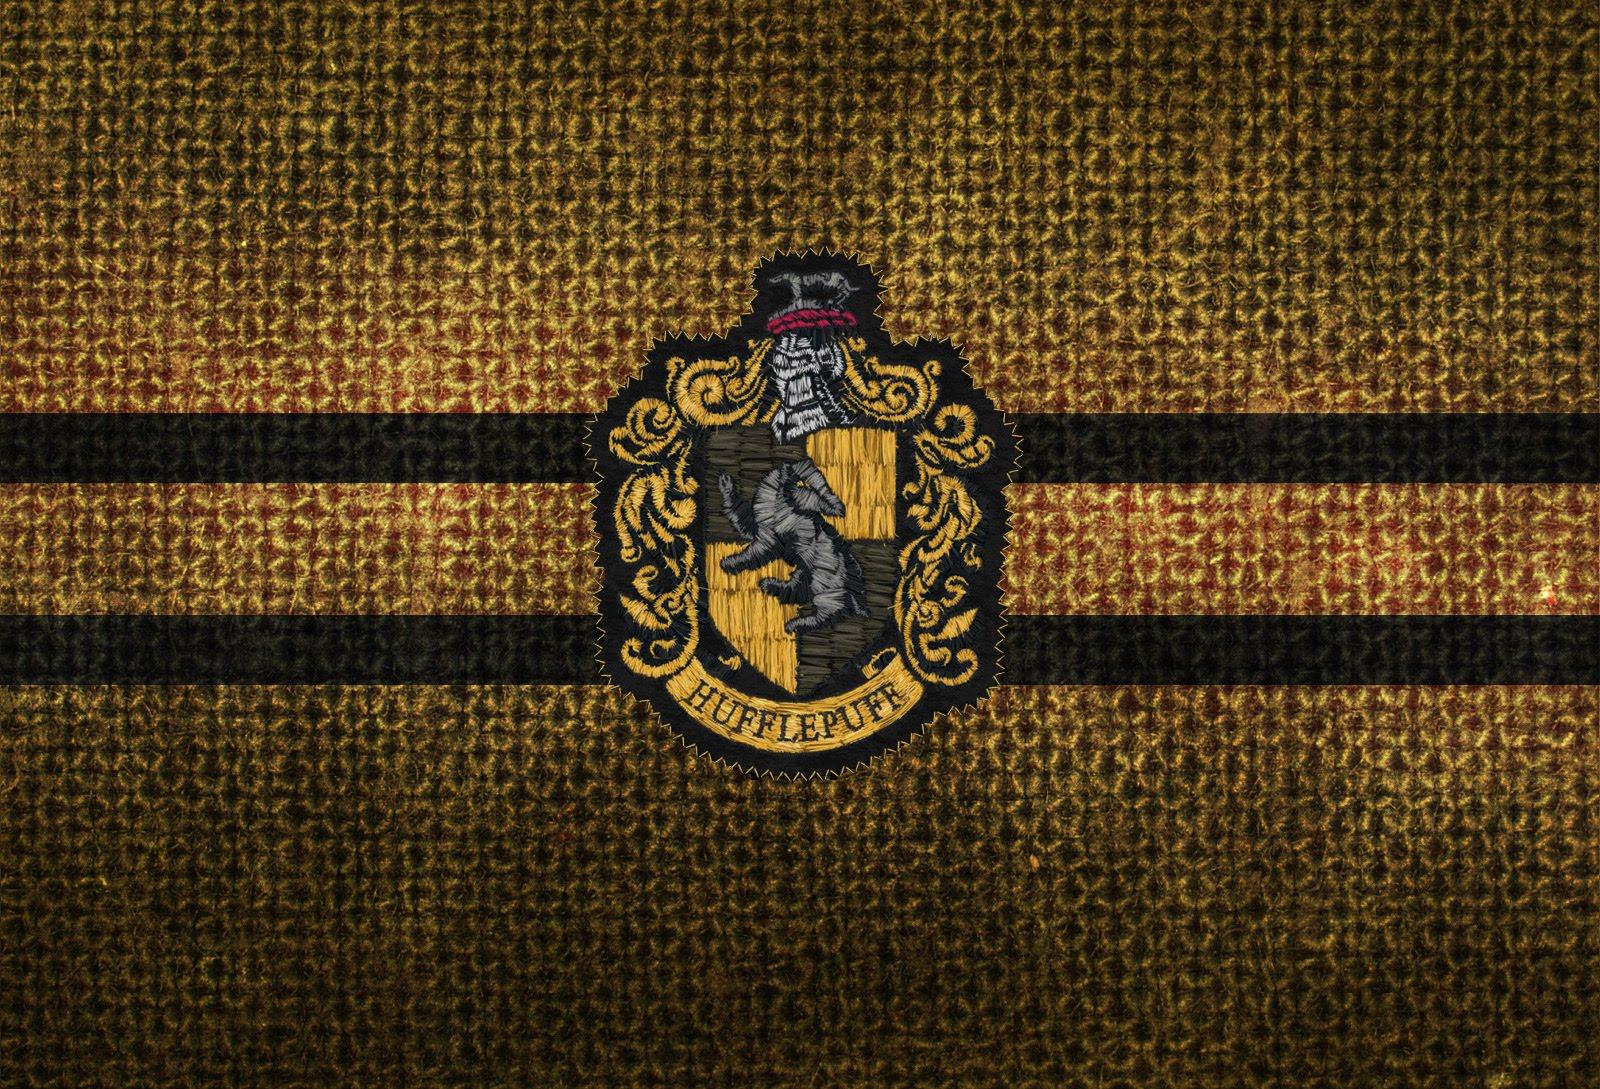 http://4.bp.blogspot.com/_SpXj_j5L2ew/TDzLPSz4nzI/AAAAAAAAAWo/L5DSF5brXRc/s1600/knit_hufflepuffwall.jpg